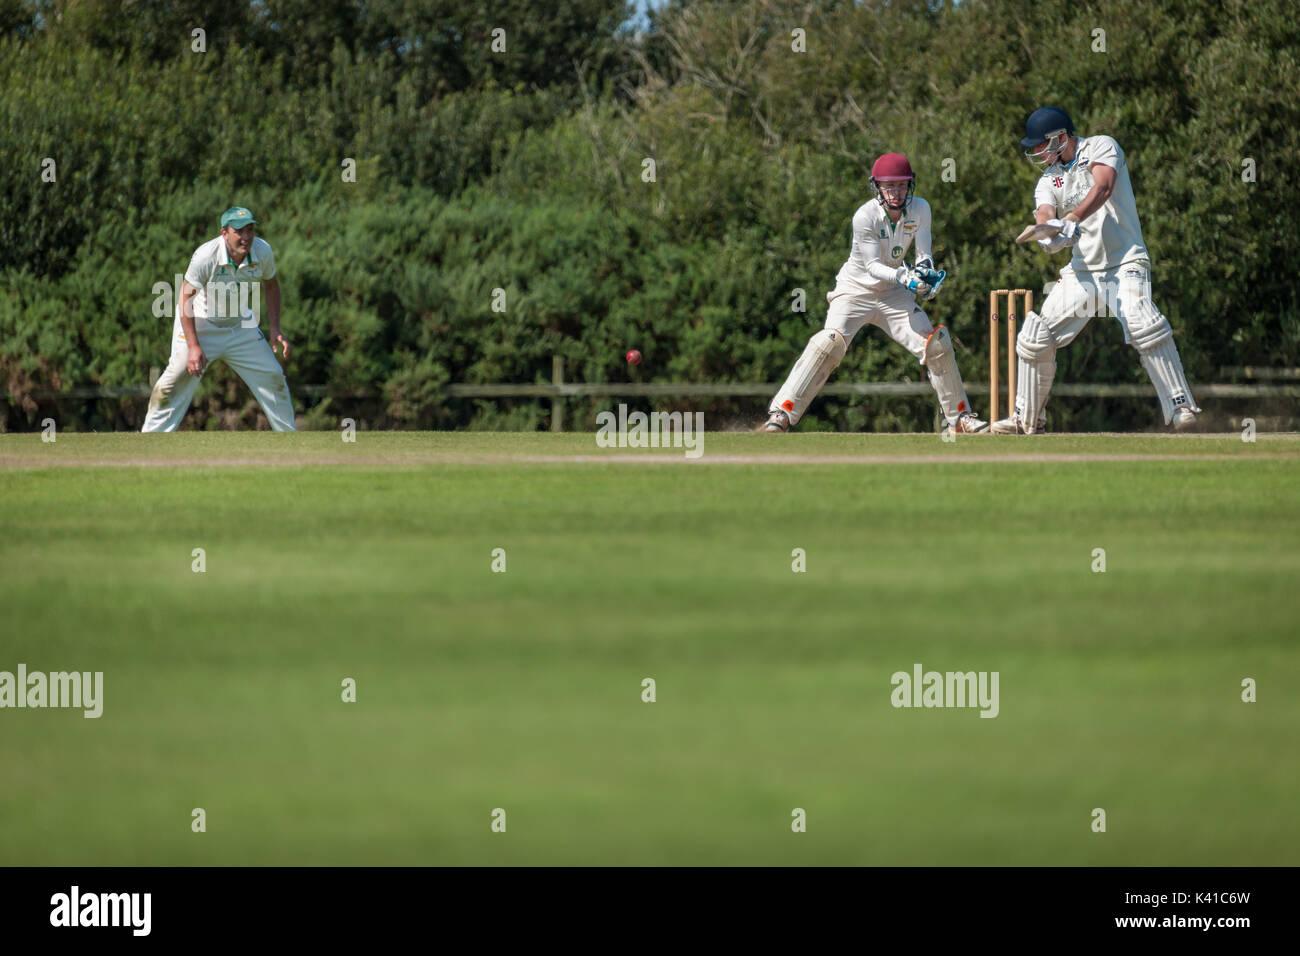 Ein batsman spielt eine Aufnahme während eines Sonntag Liga Match zwischen zwei lokalen Cricket Teams. Stockbild